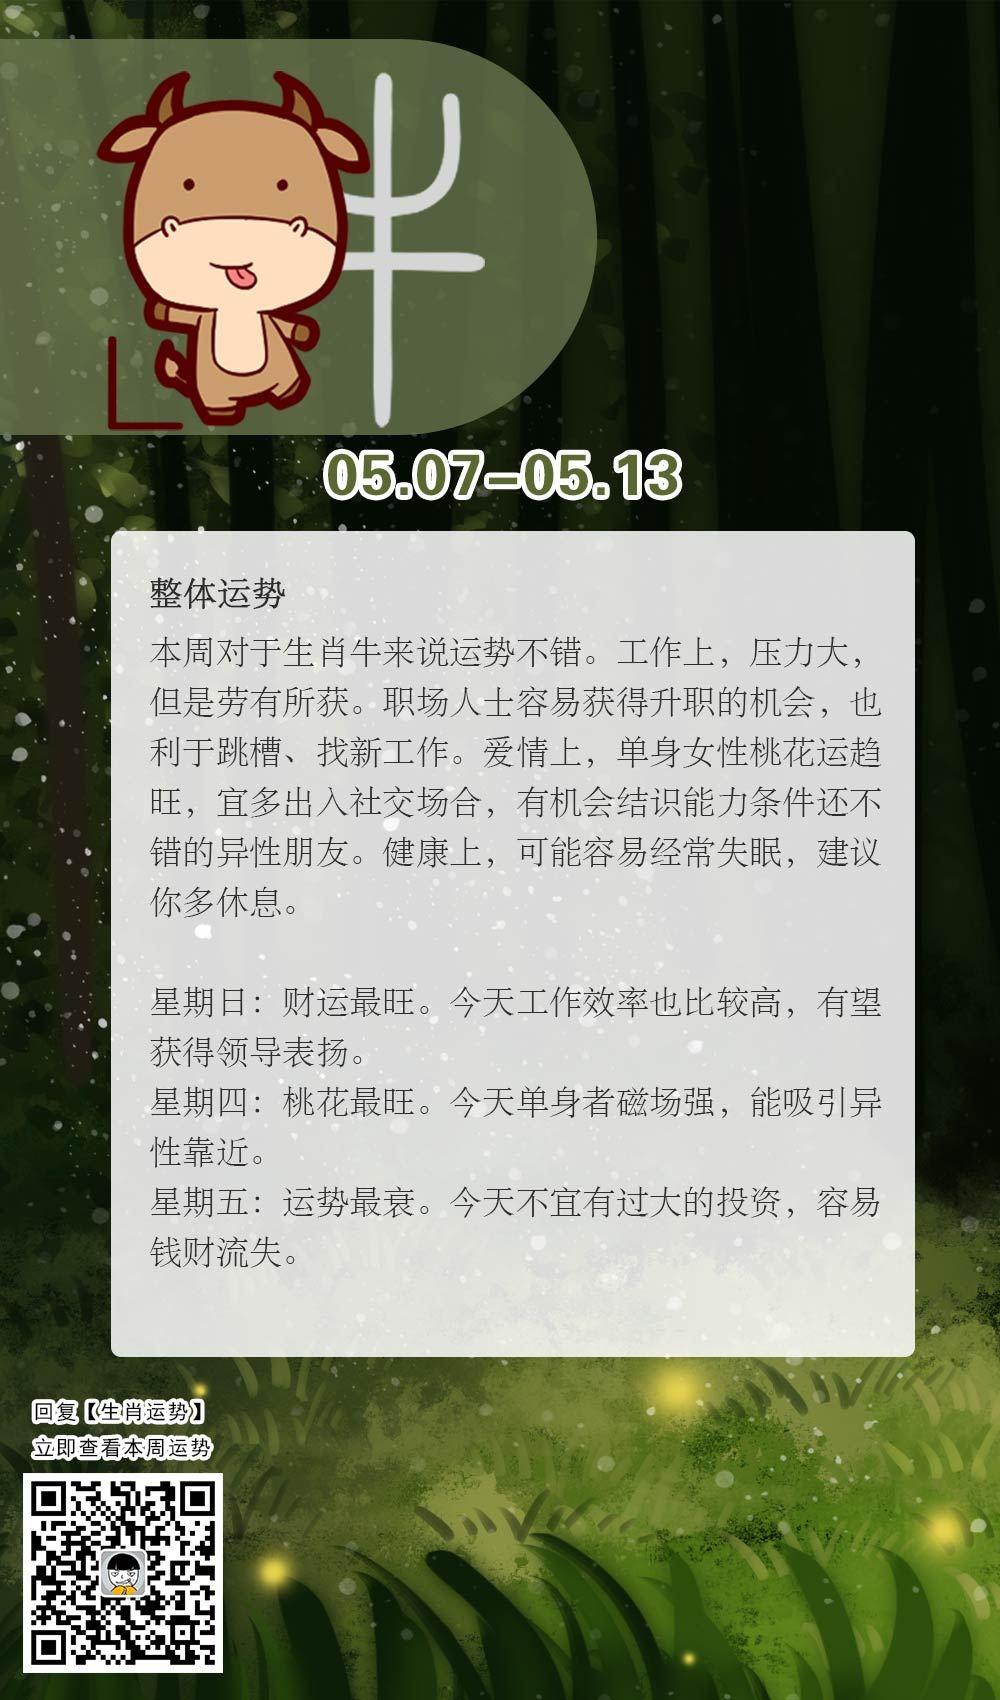 生肖牛本周运势【2018.05.07-05.13】